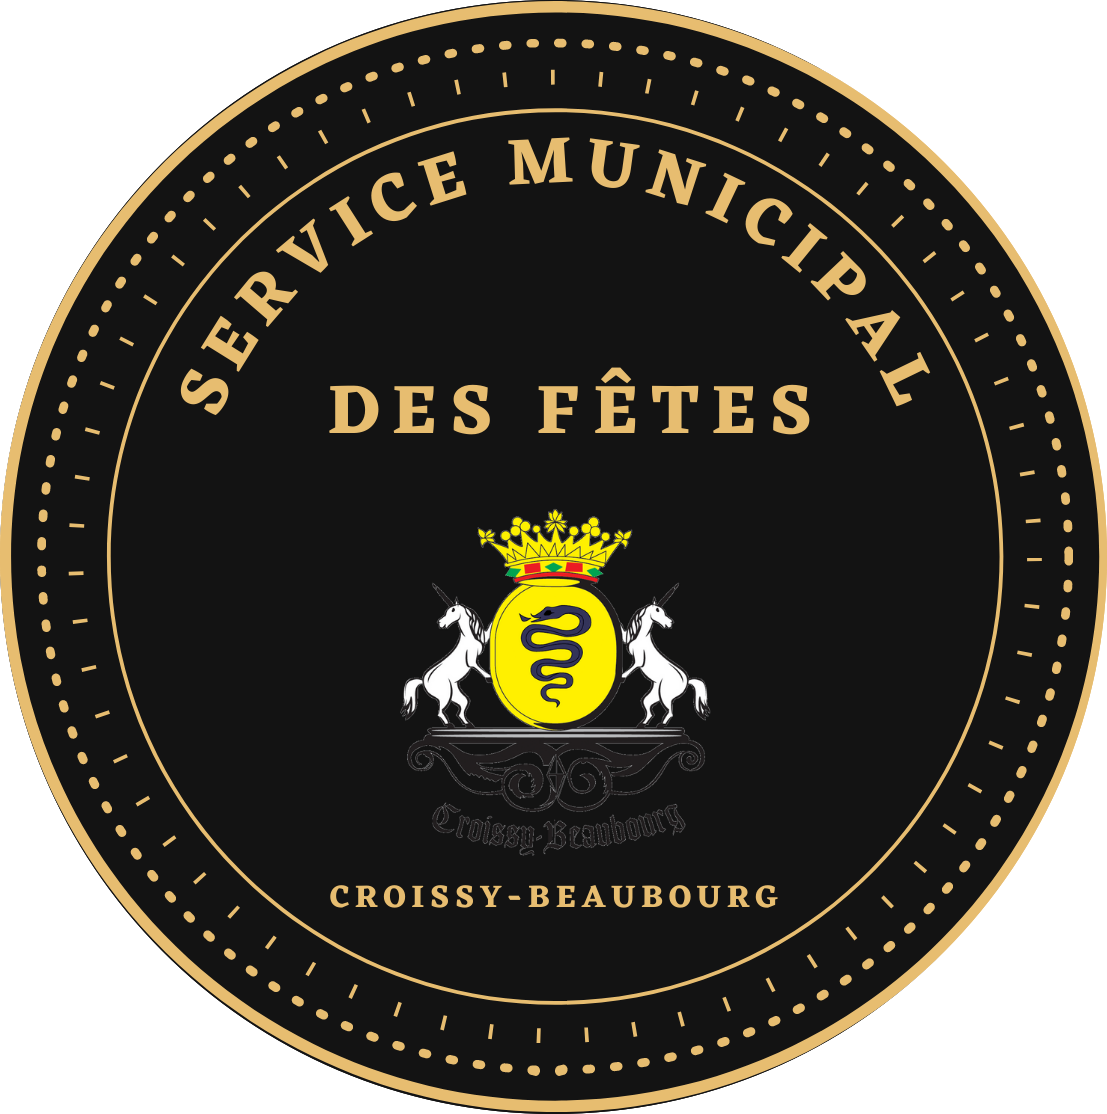 Service Municipal des fêtes